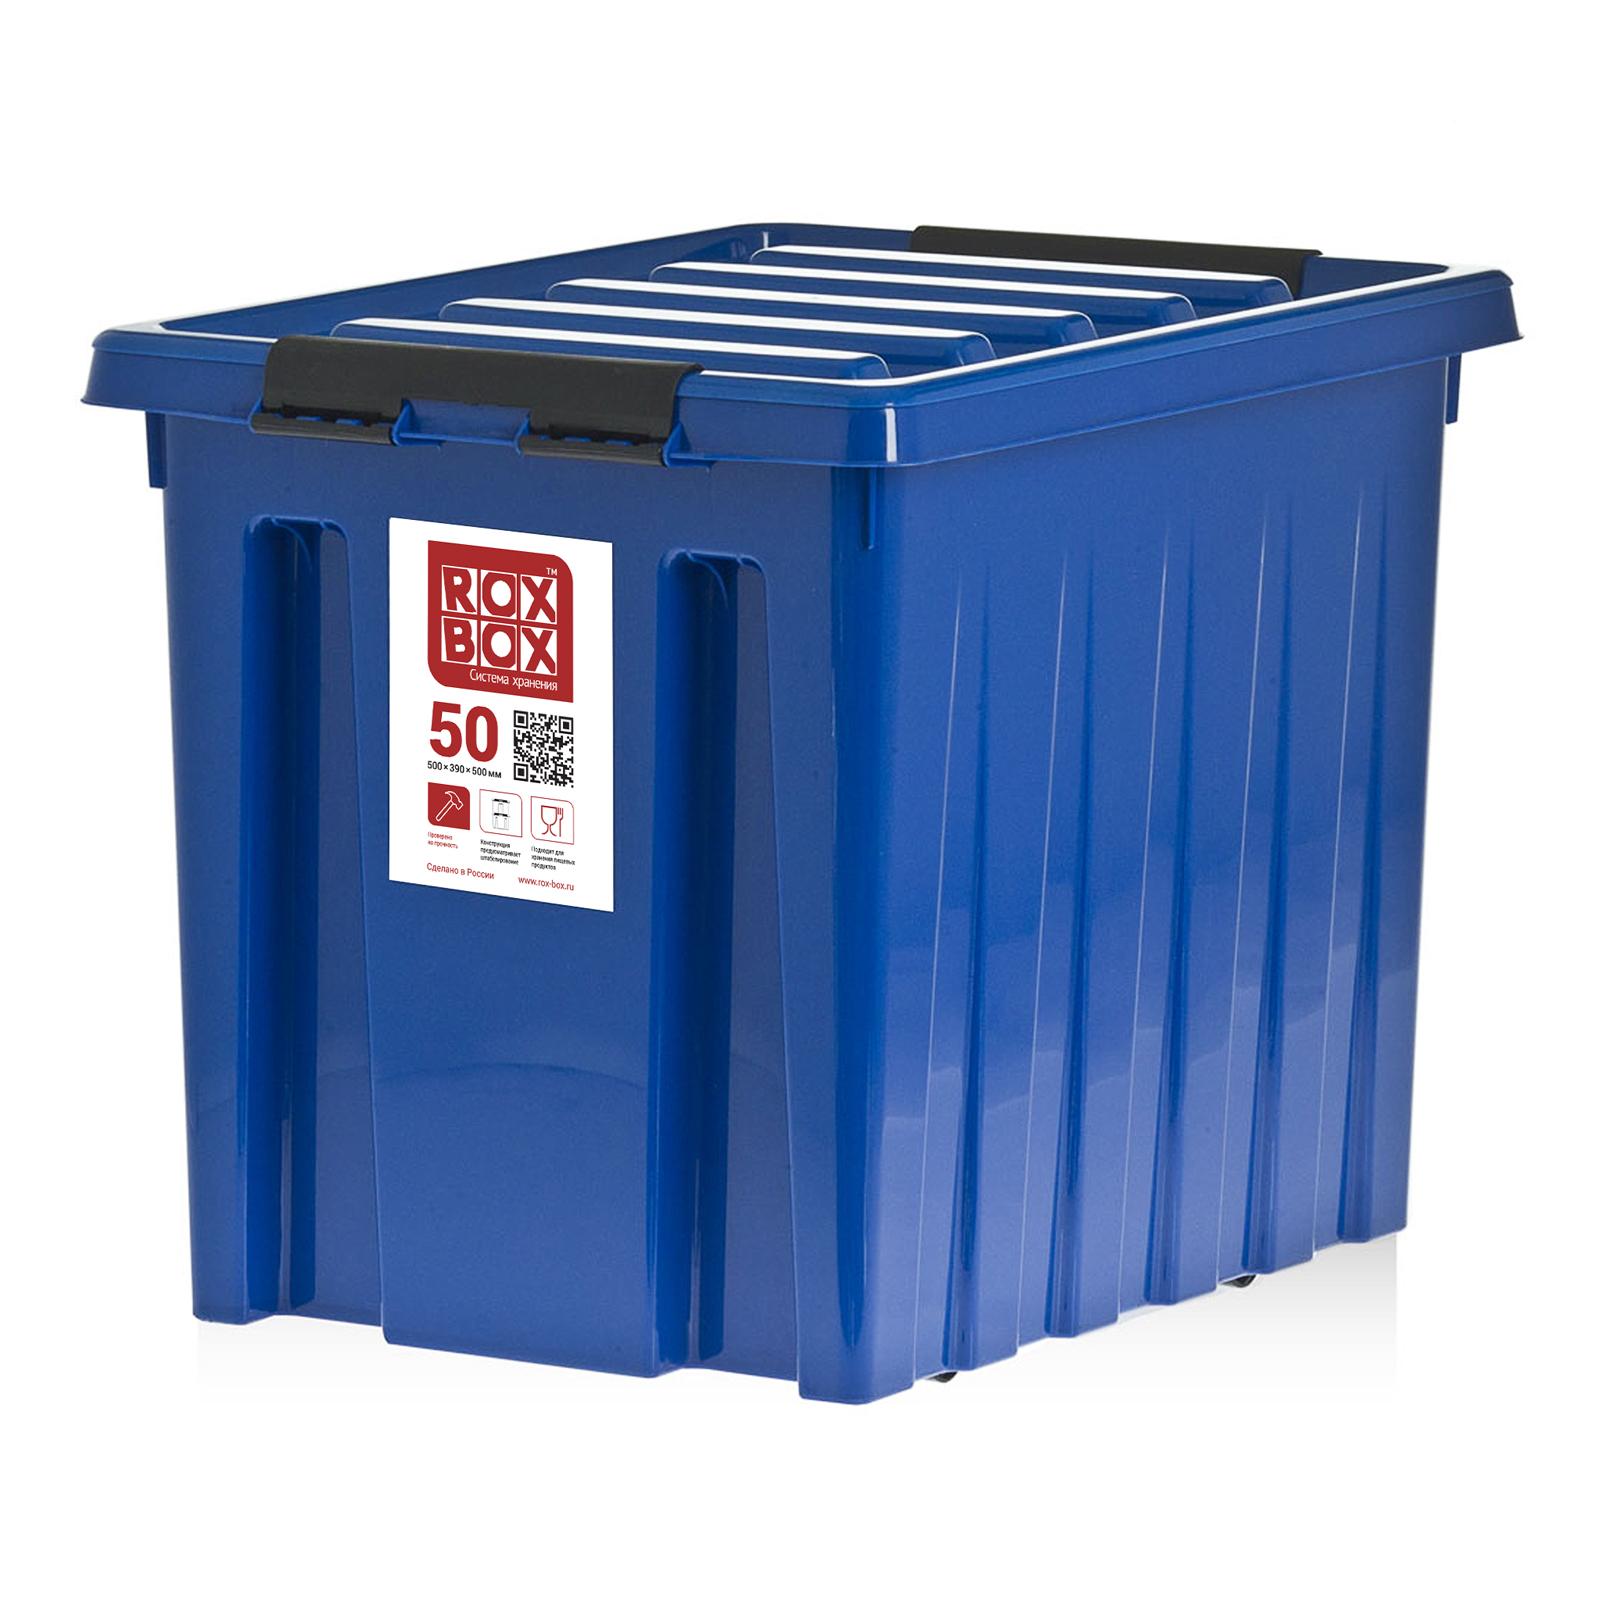 roxbox_50_bl-c